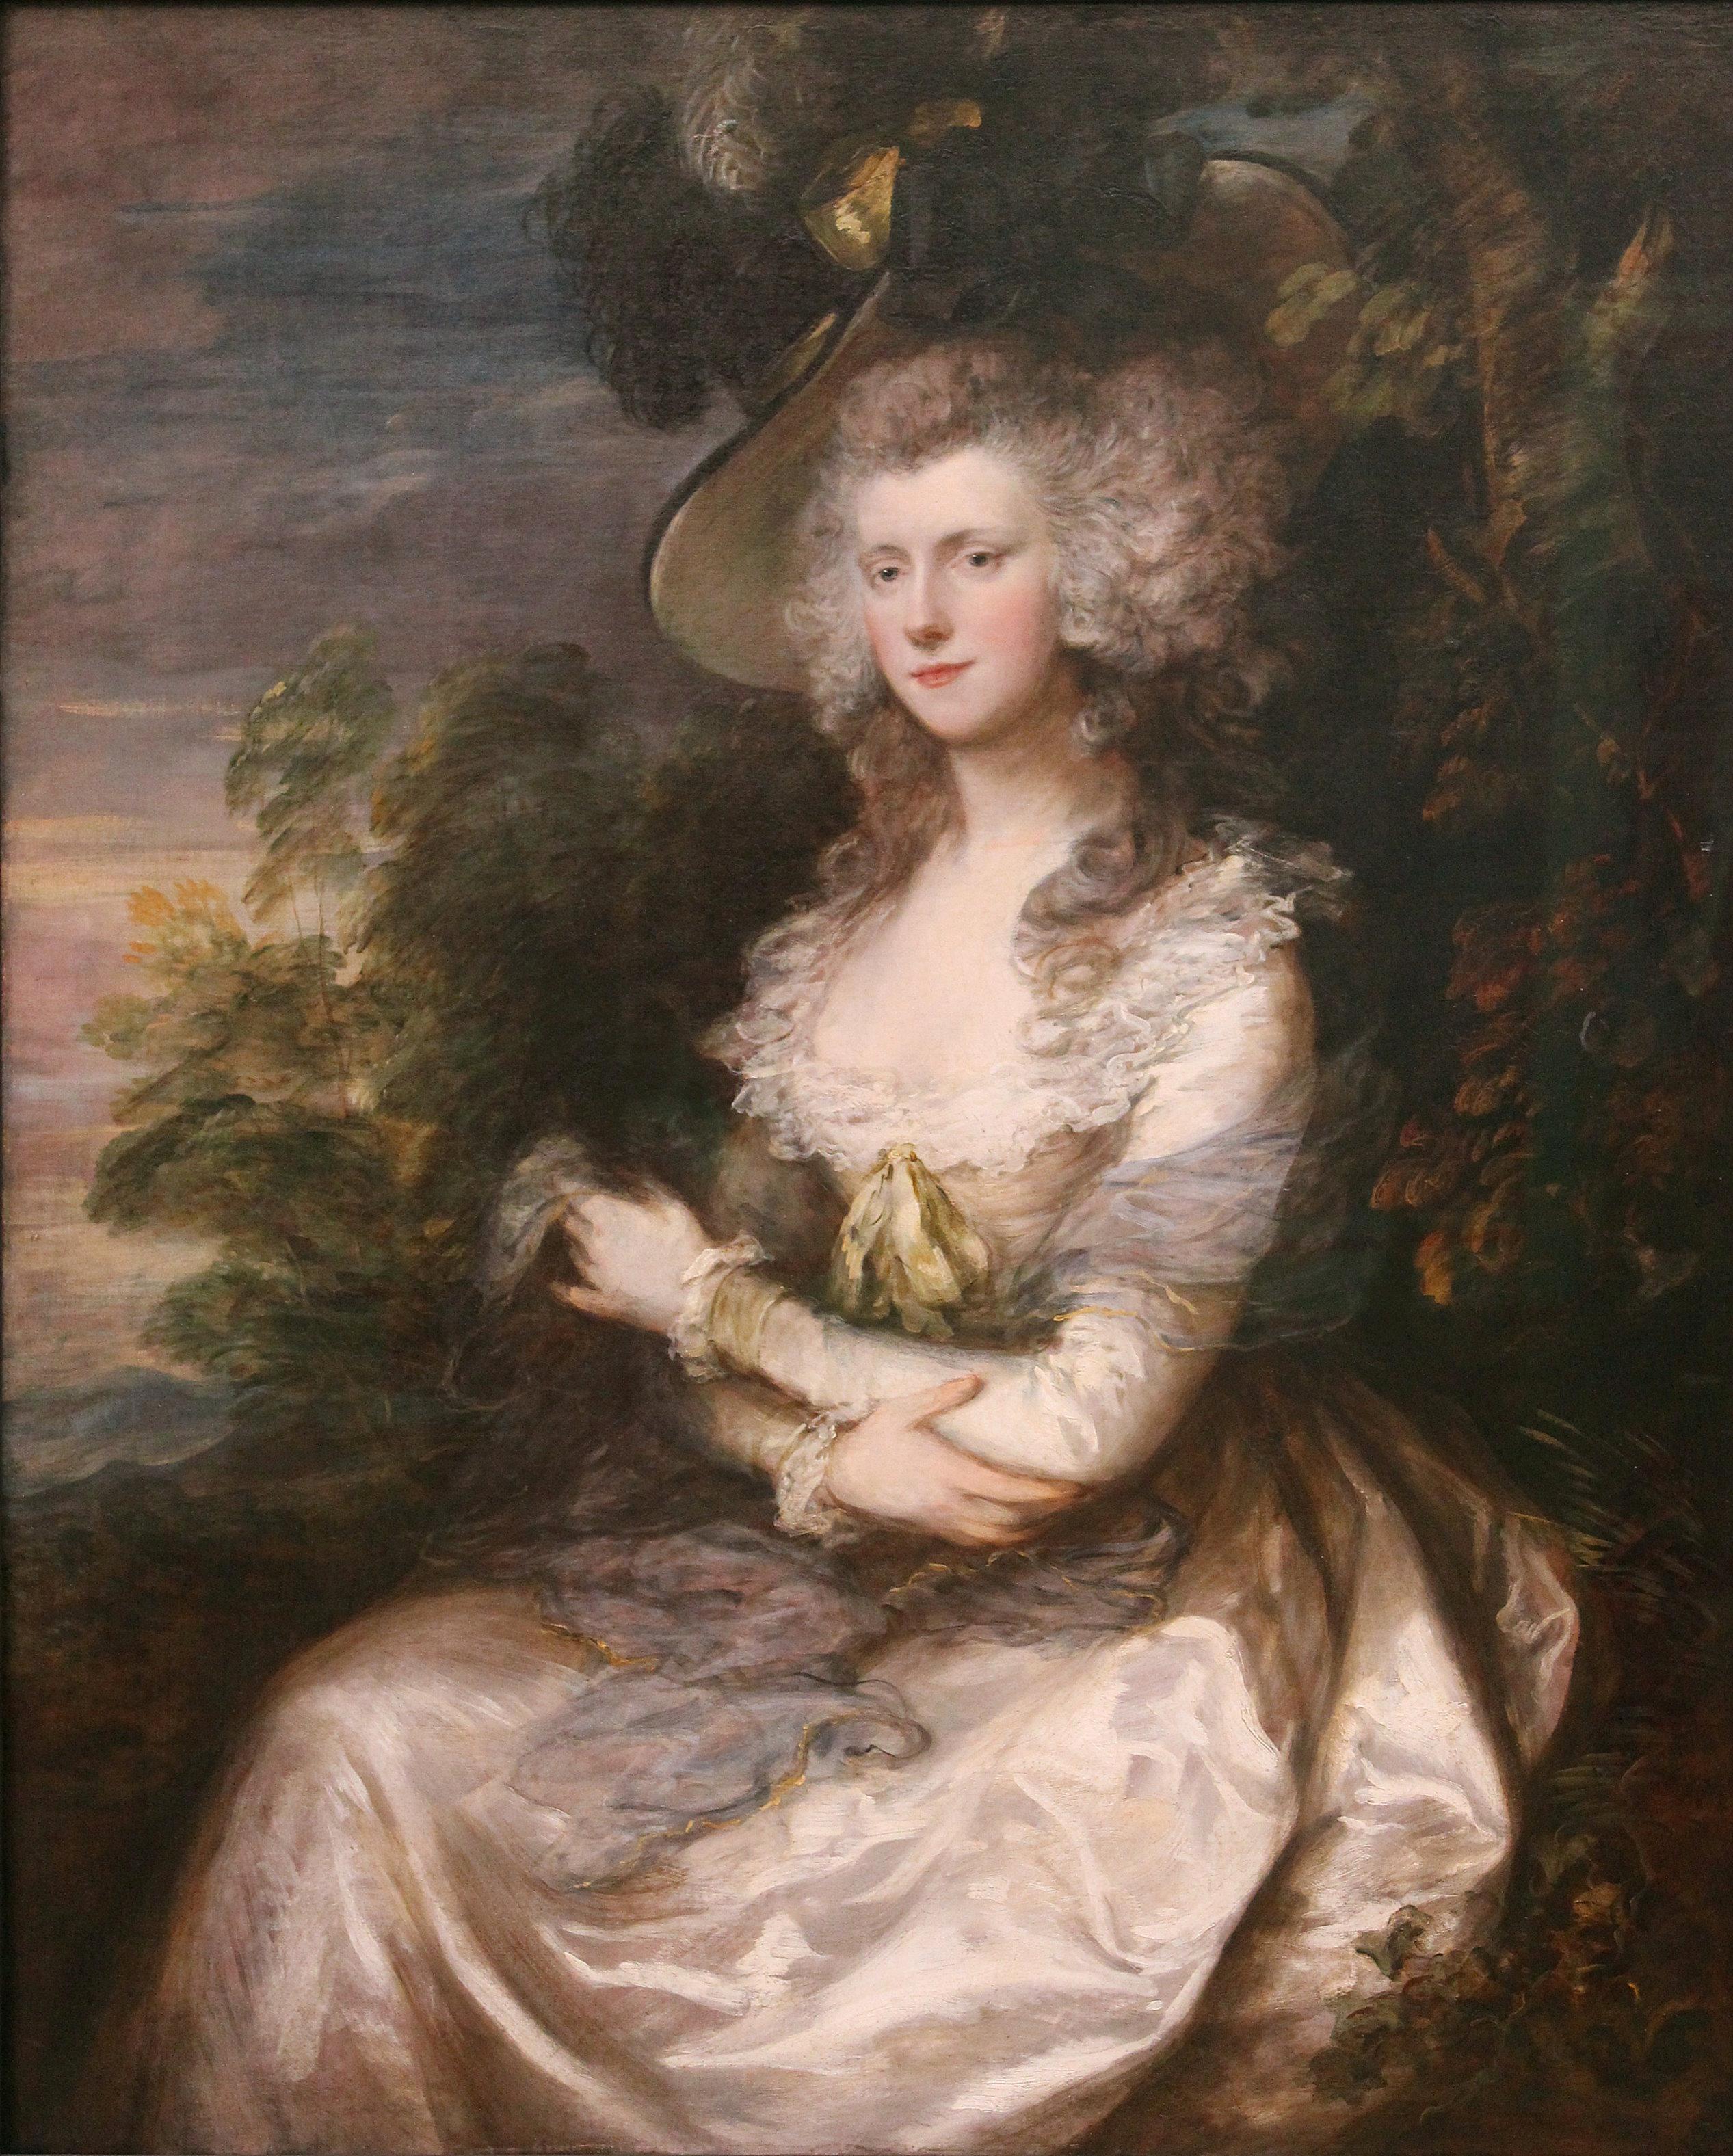 托马斯·庚斯博罗 Thomas Gainsborough (1727-1788年)英国肖像画家、风景画家 - 水木白艺术坊 - 贵阳画室 高考美术培训